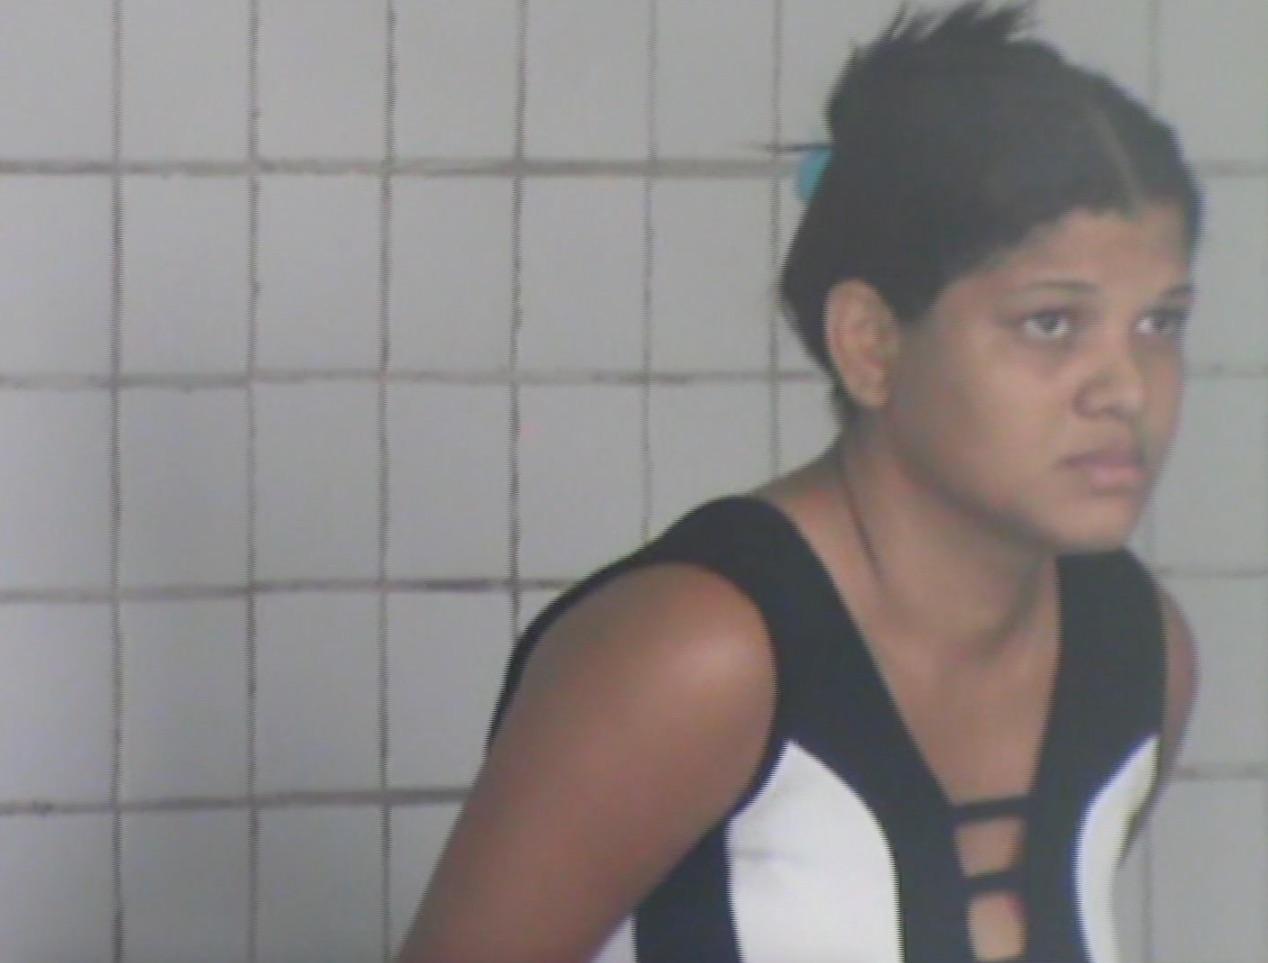 Teresina: Casal é preso tentando jogar pilhas e celulares dentro da Casa de Custódia 3